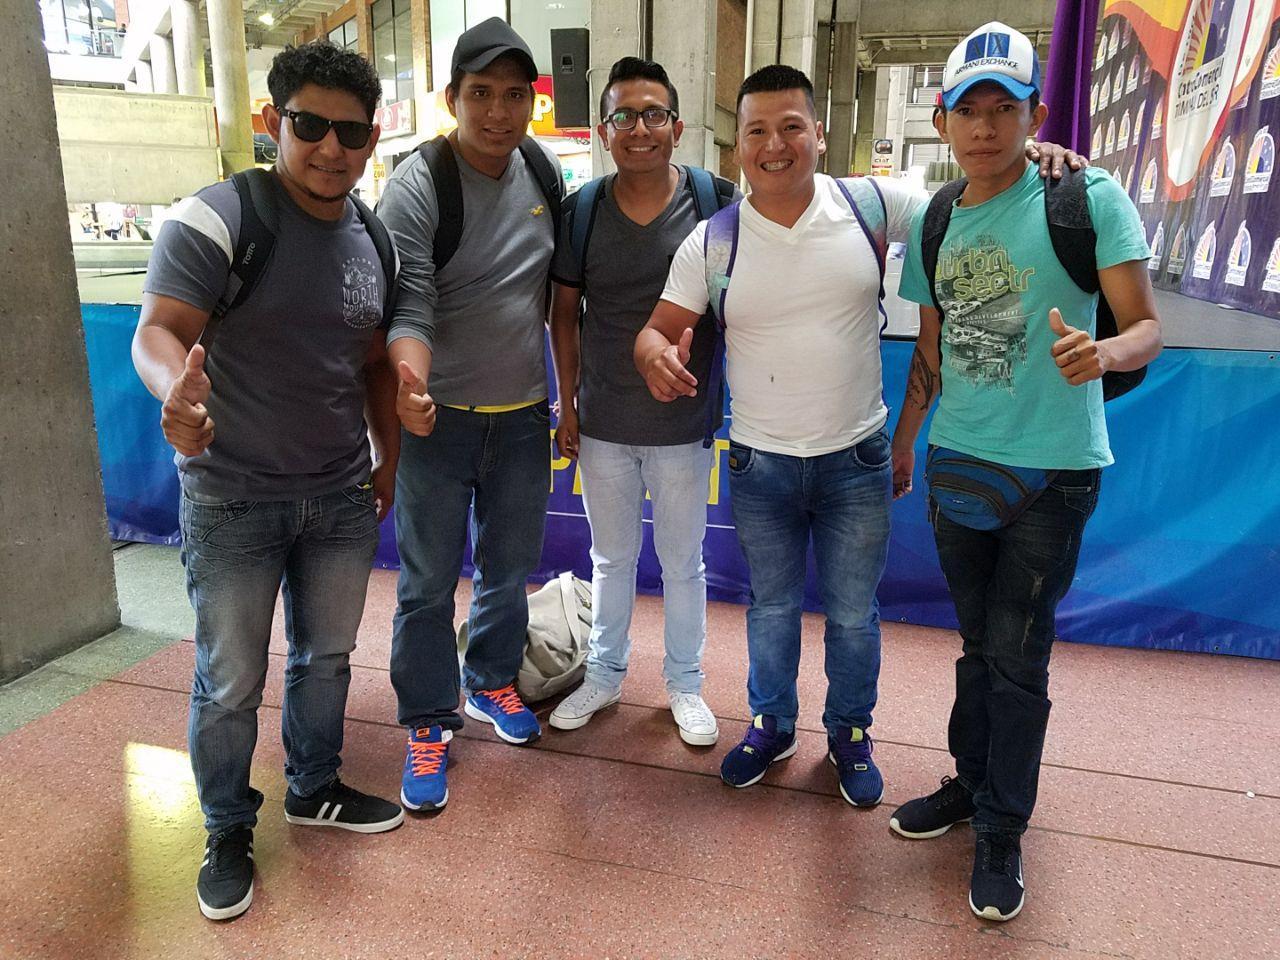 Hinchas 'cetáceos' llegan a Medellín para acompañar al Delfín en su partido de este miércoles